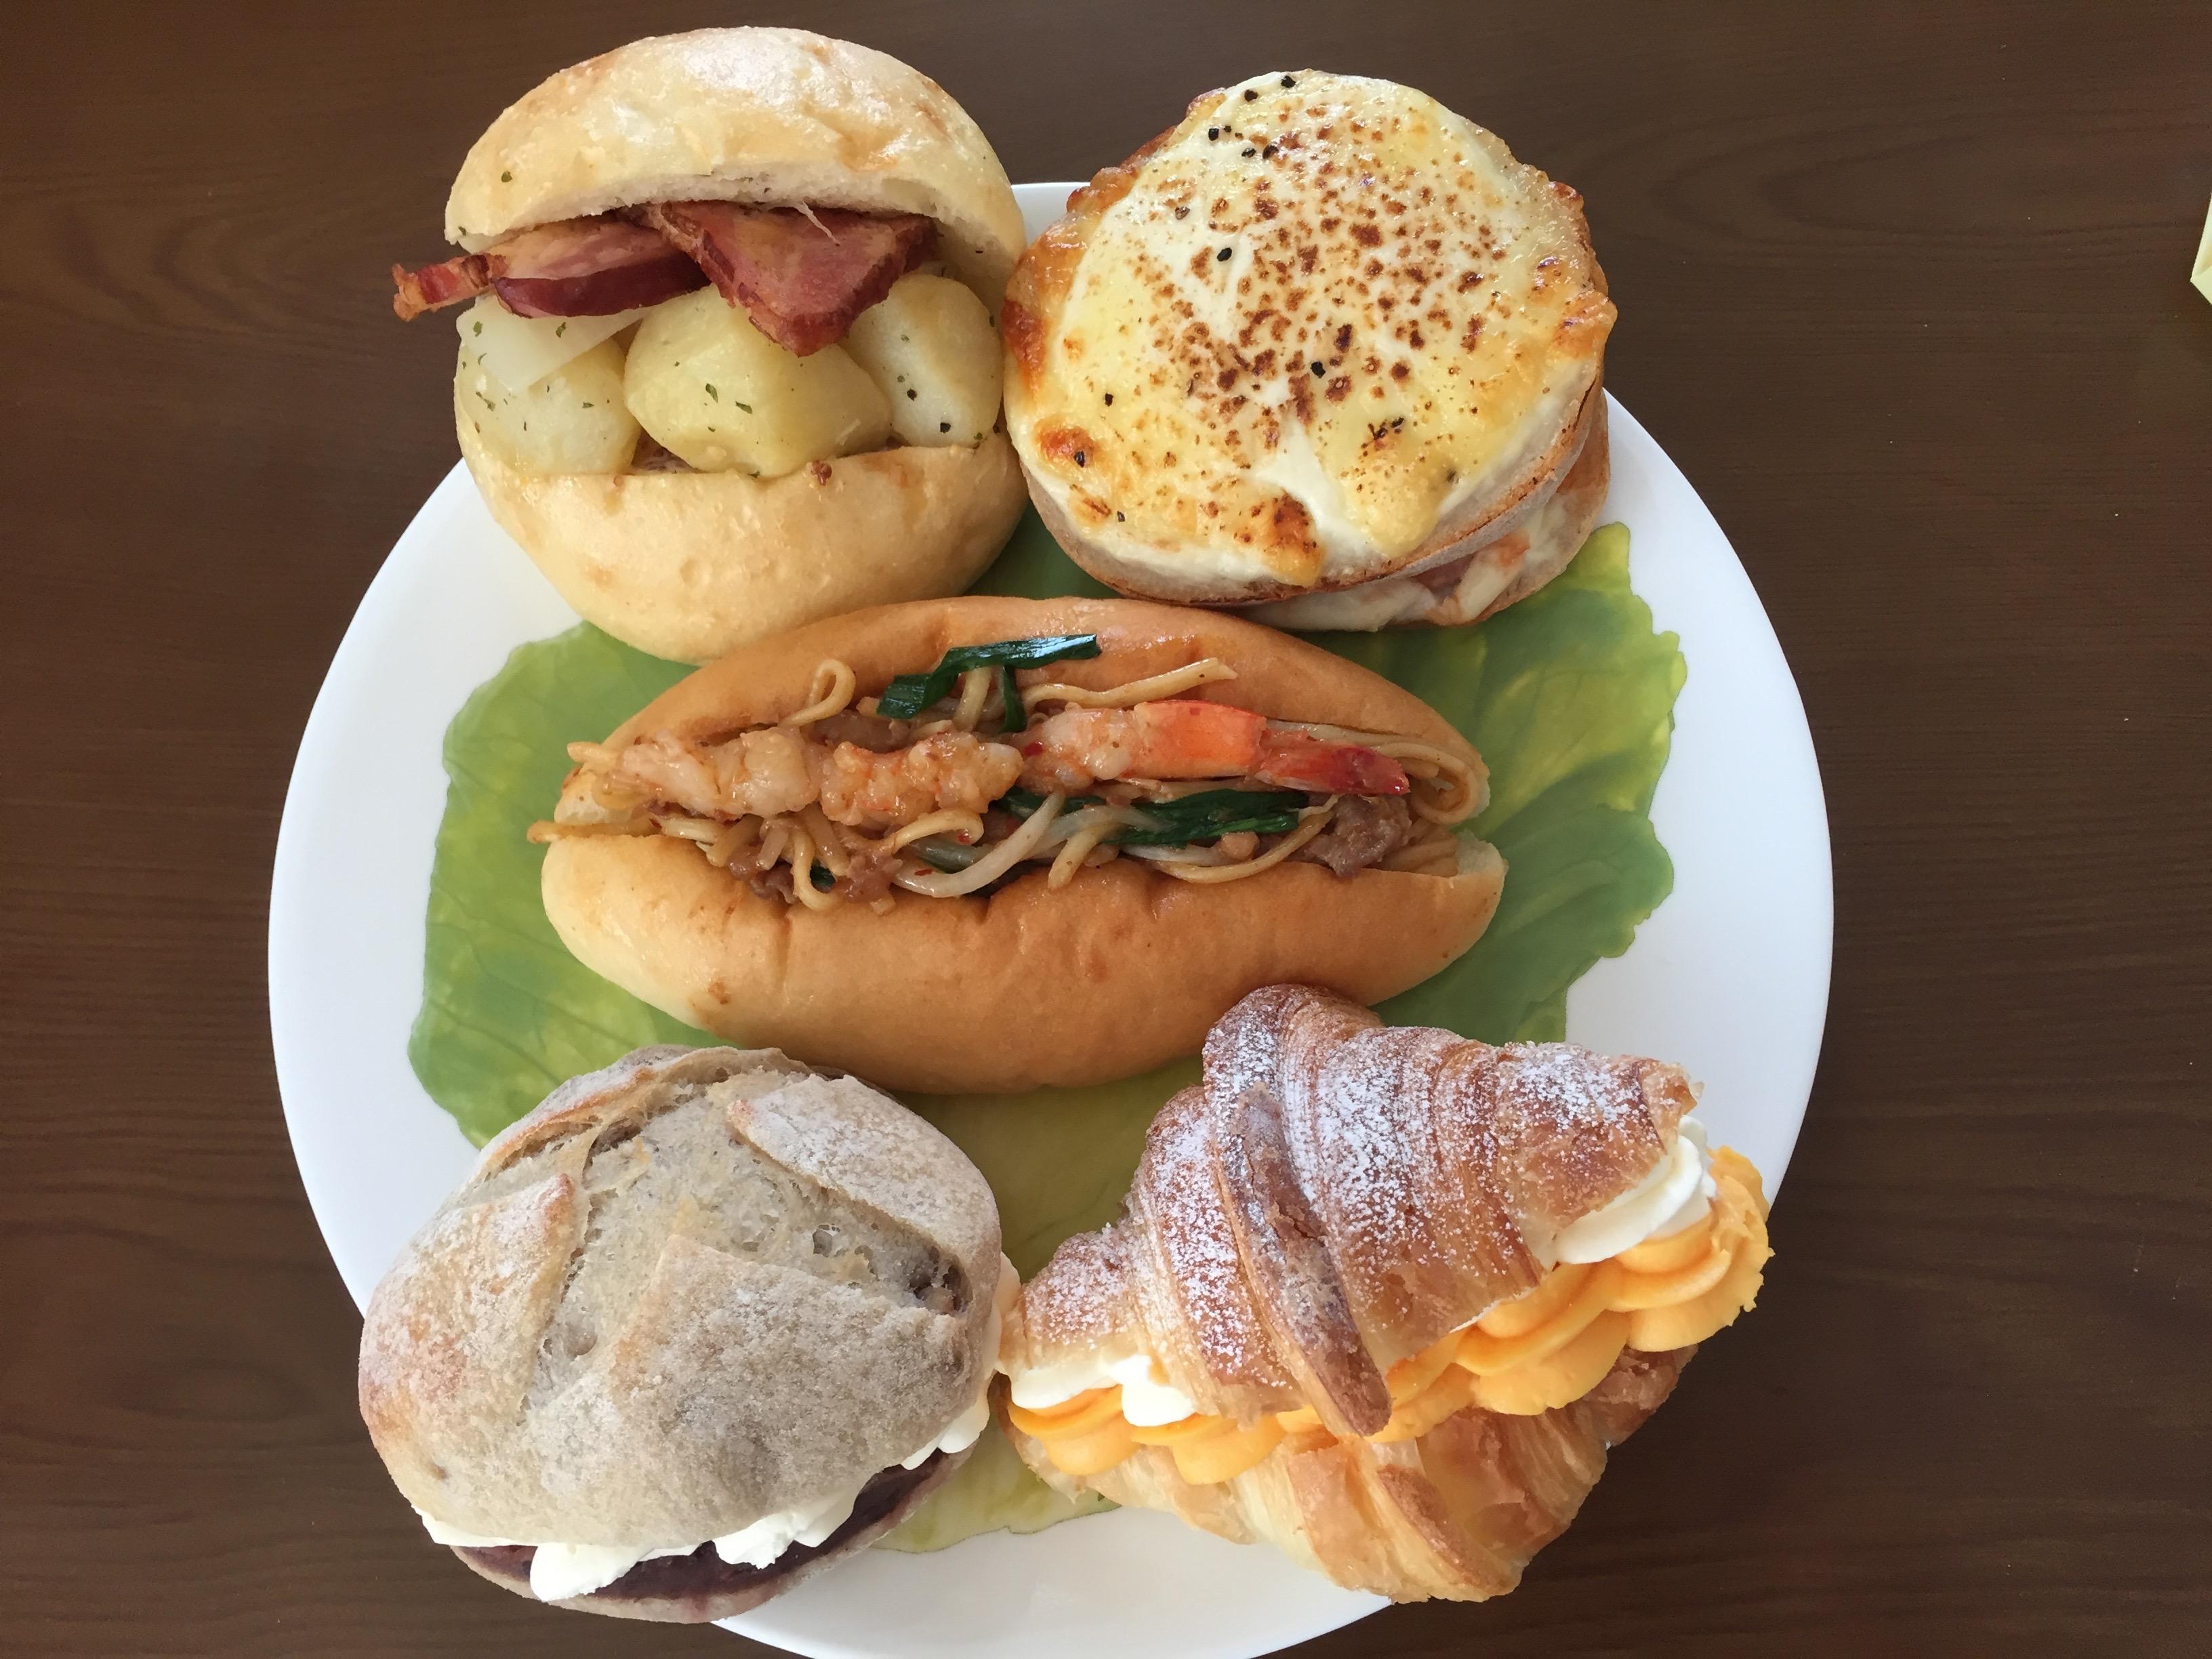 行列のできる梅田のパン屋さん「ルート271」の 焼きそばパンとおすすめパン